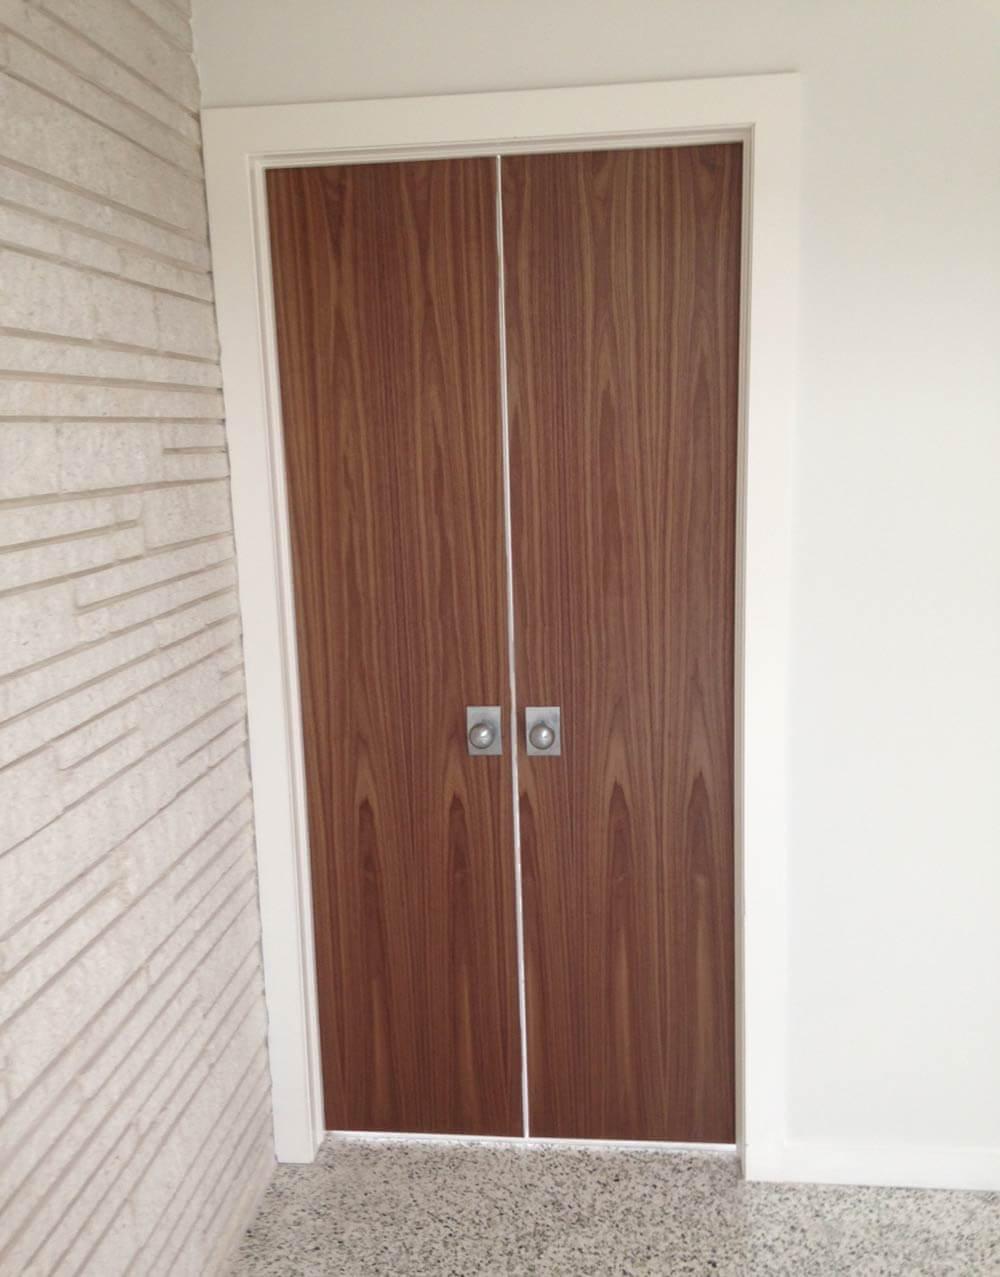 mid century modern closet doors. Beautiful Modern Midcentury Walnut Door With Mid Century Modern Closet Doors